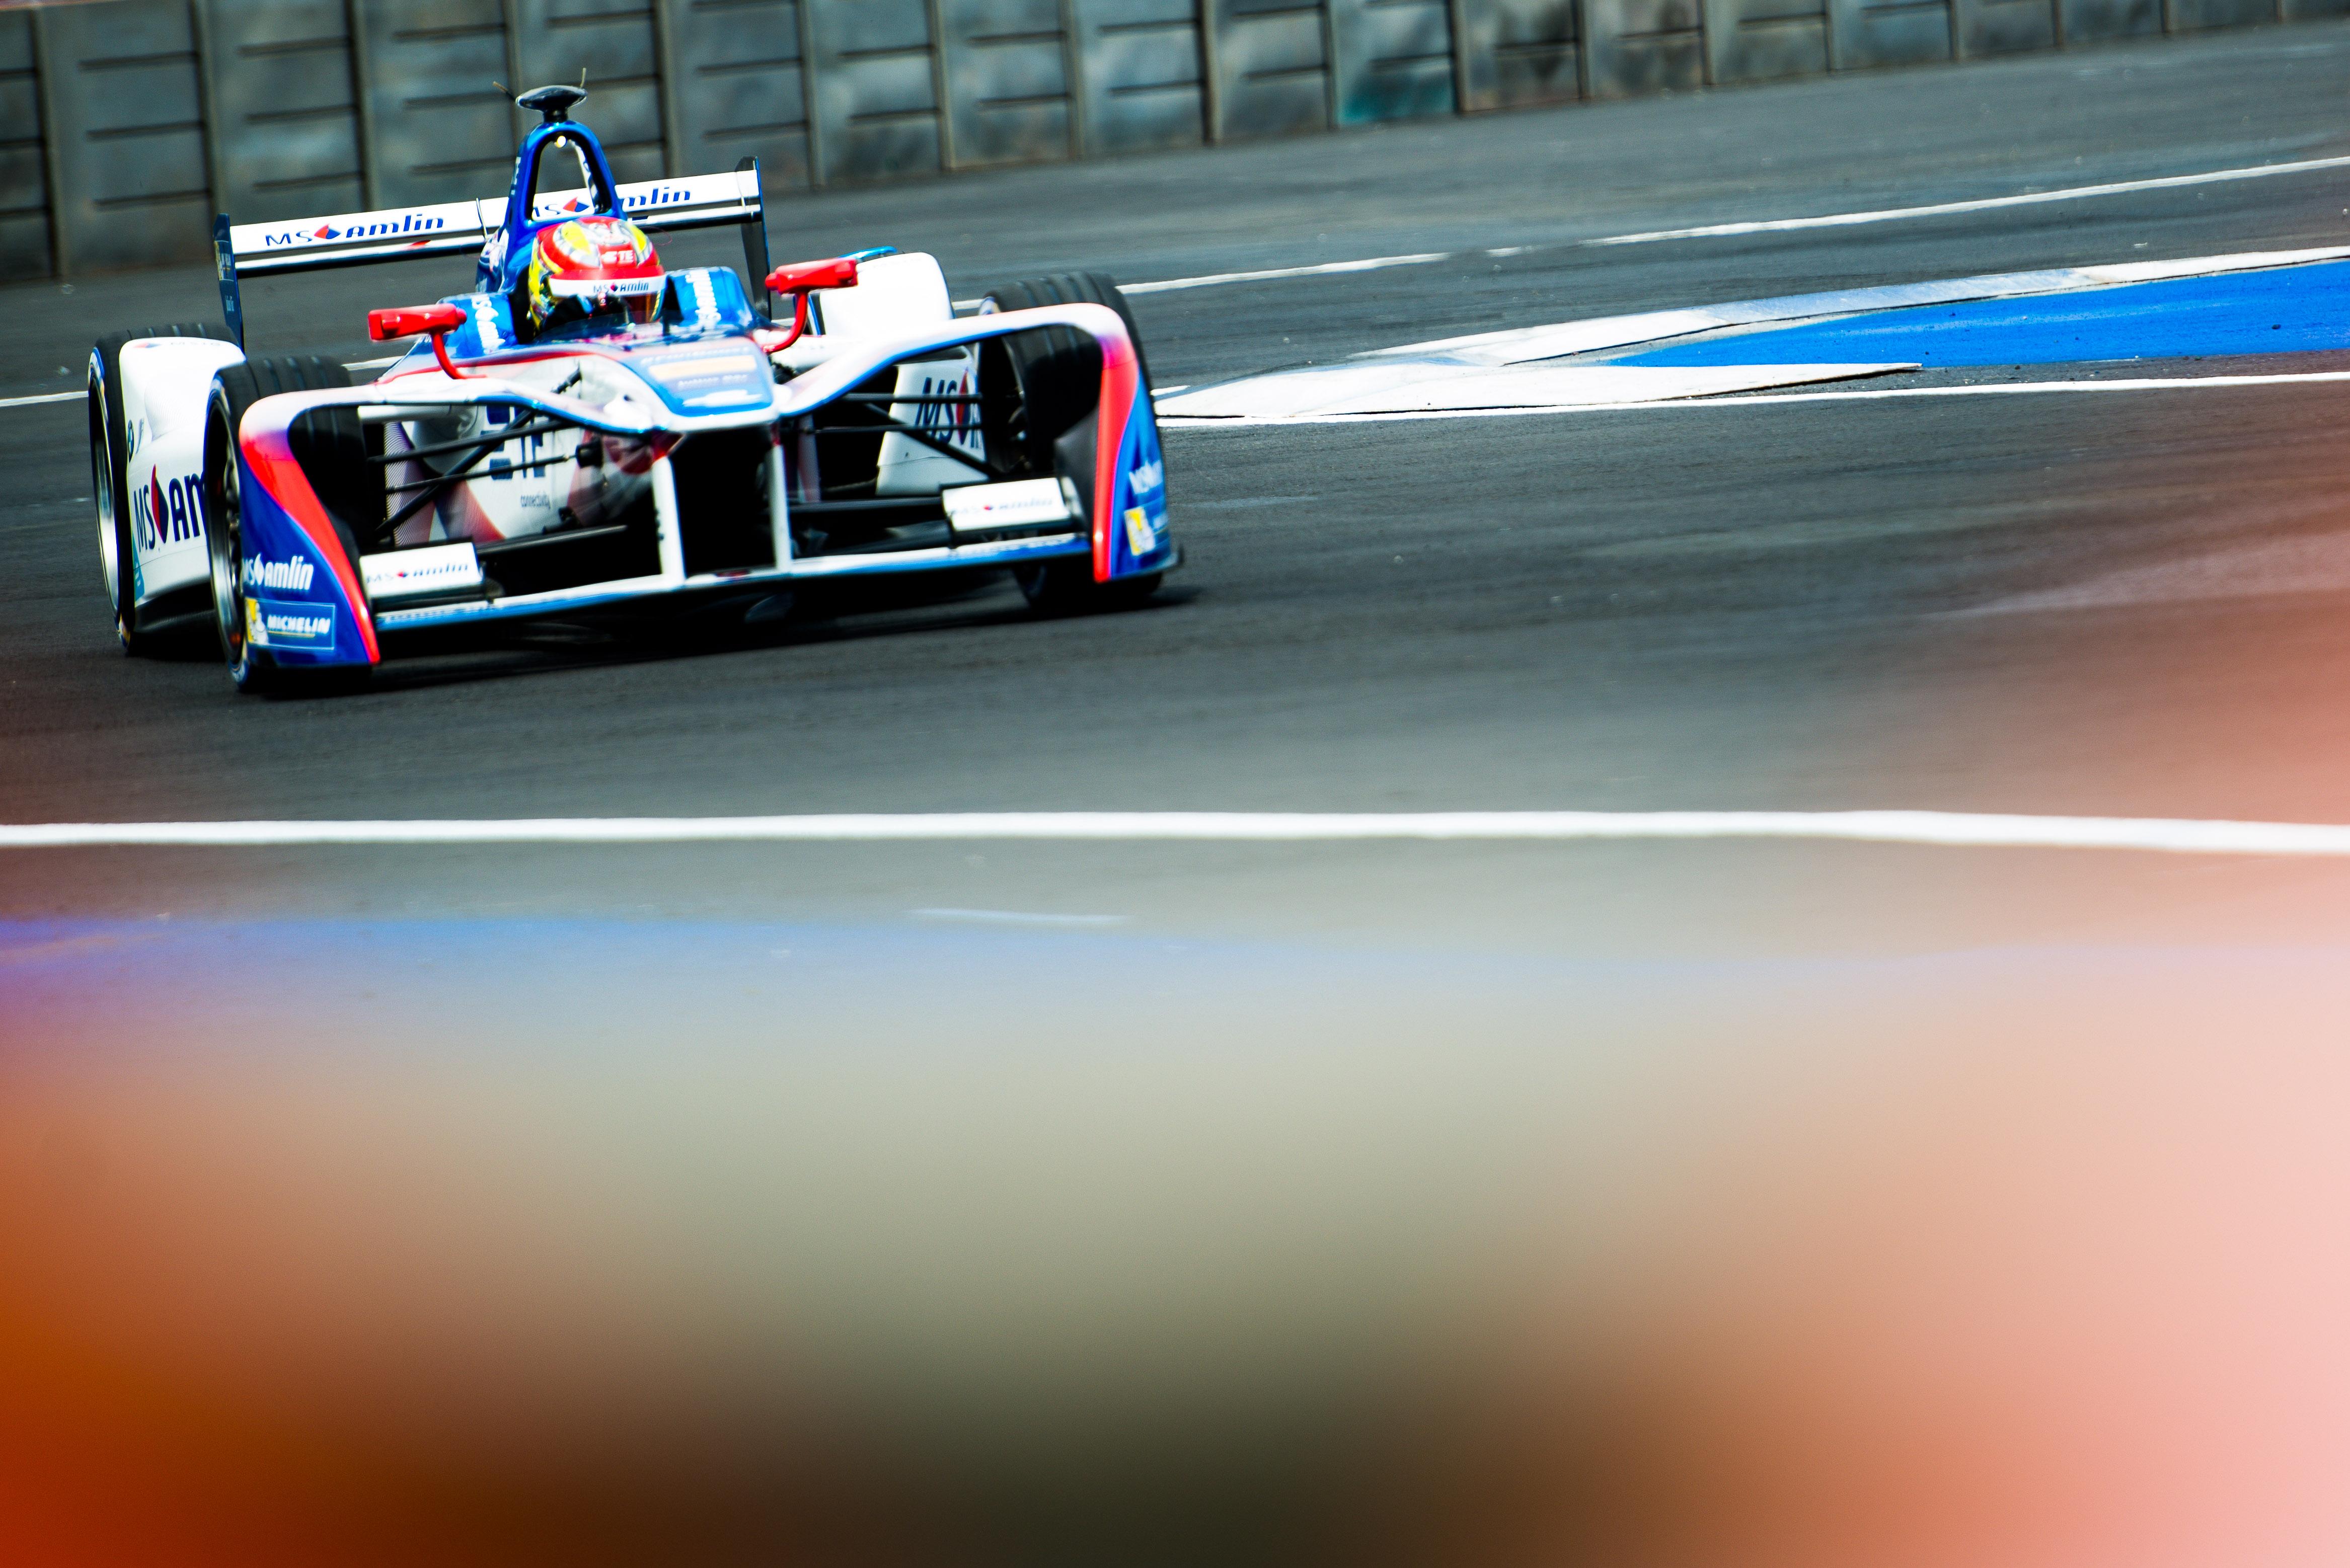 MS Amlin Andretti ready to battle in Monaco